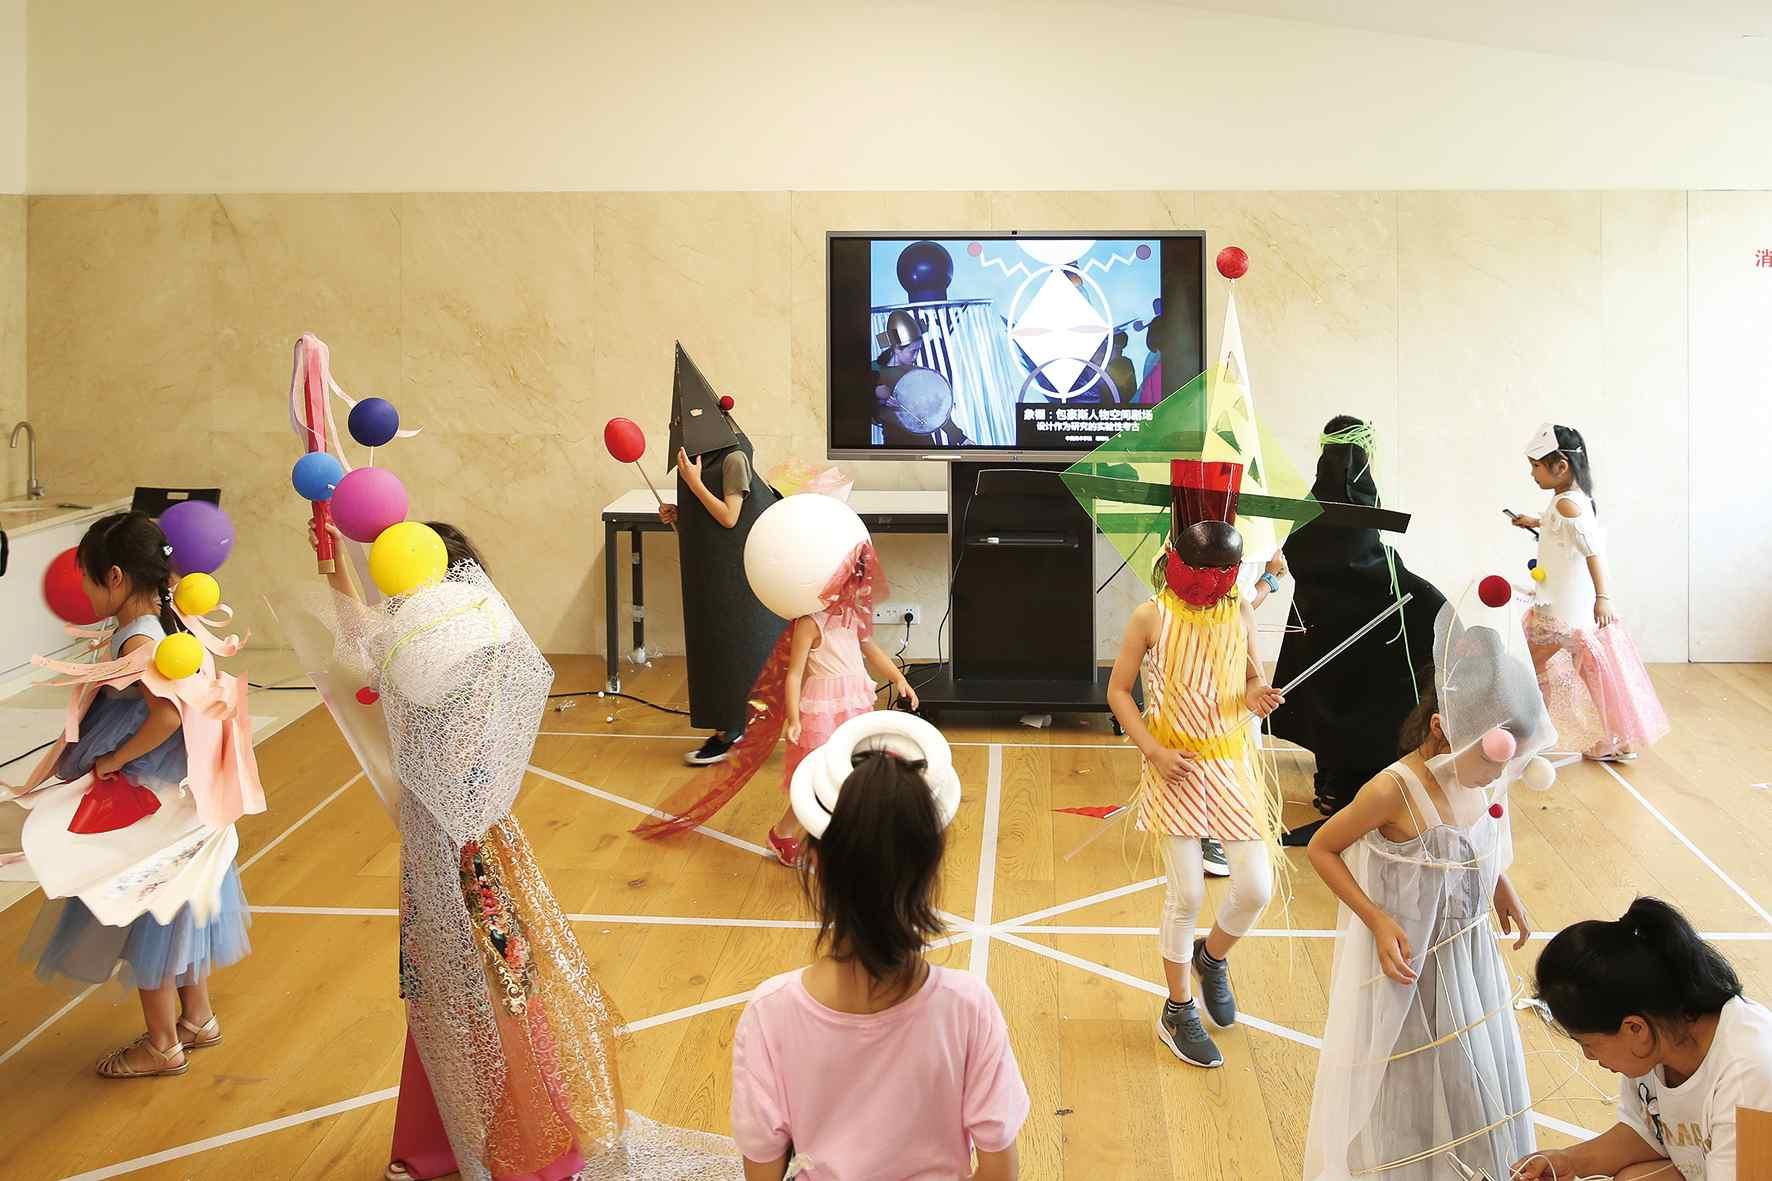 """在中國美術學院美術館舉辦的""""包豪斯人物空間劇場兒童工坊""""公教活動上,孩子們展示自己做的服裝。"""